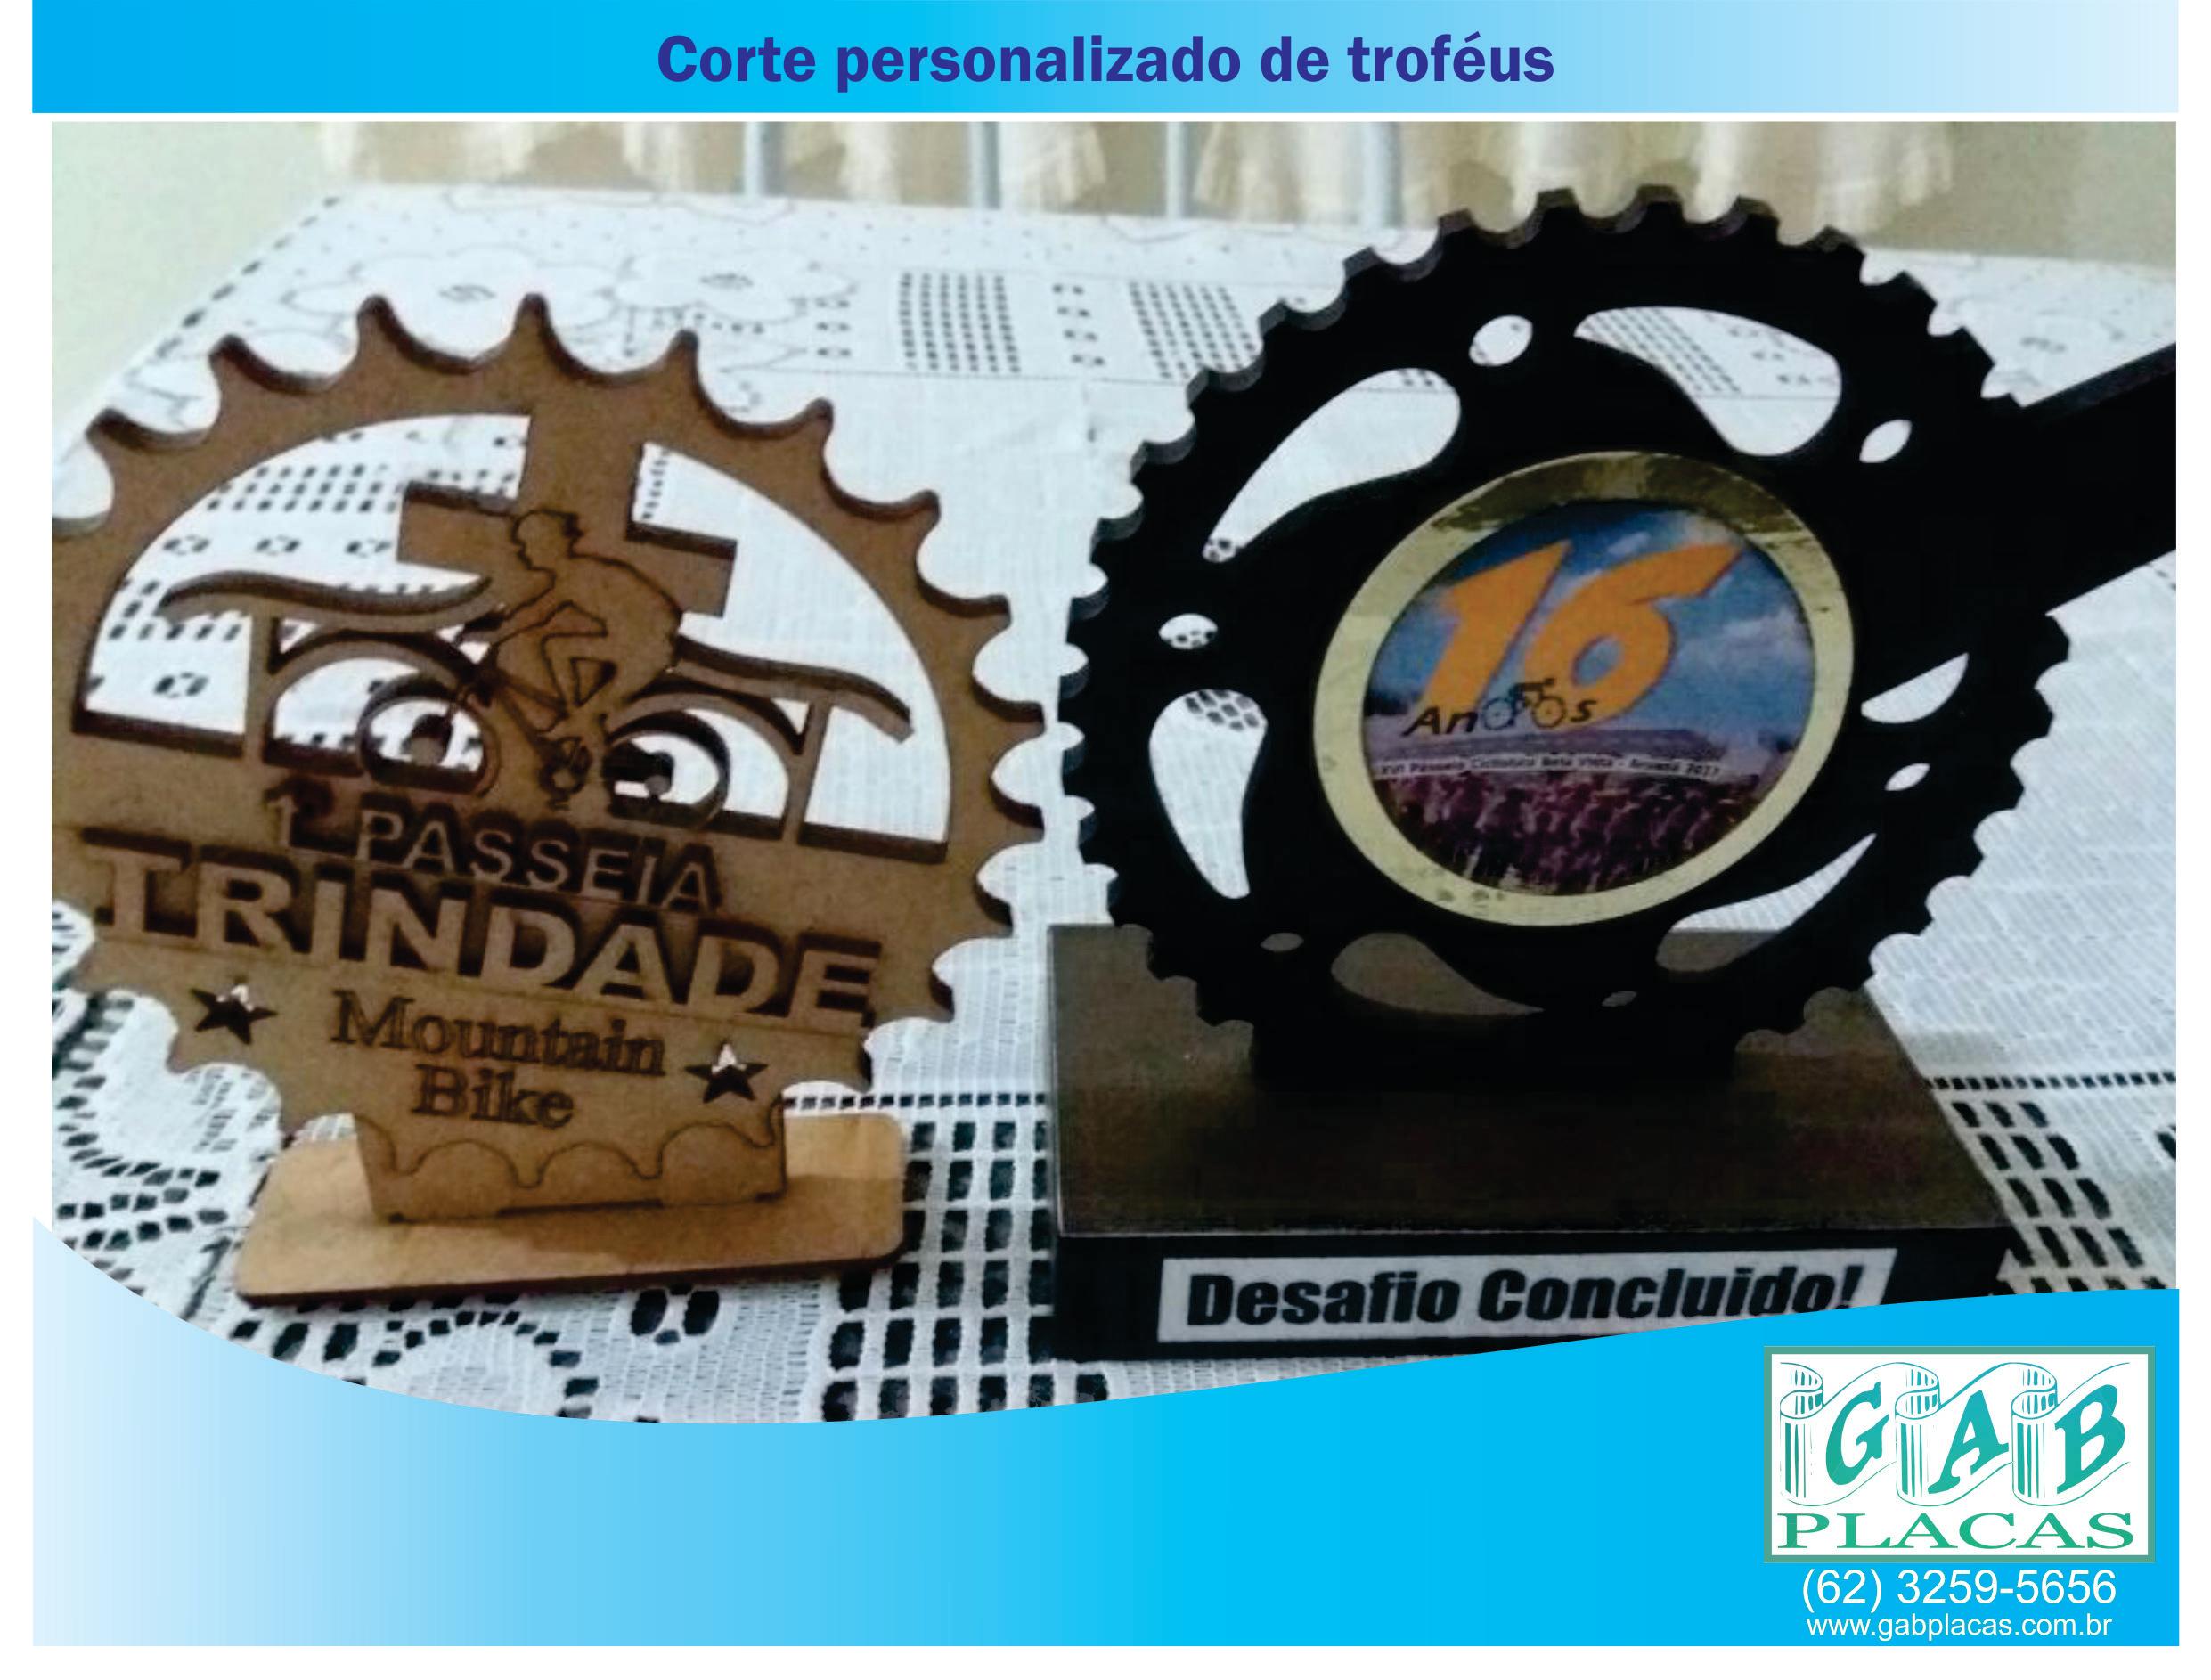 GAB_Placas_Goiânia_GO_-_Corte_personalizado_de_troféus_em_MDF_e_ACM_